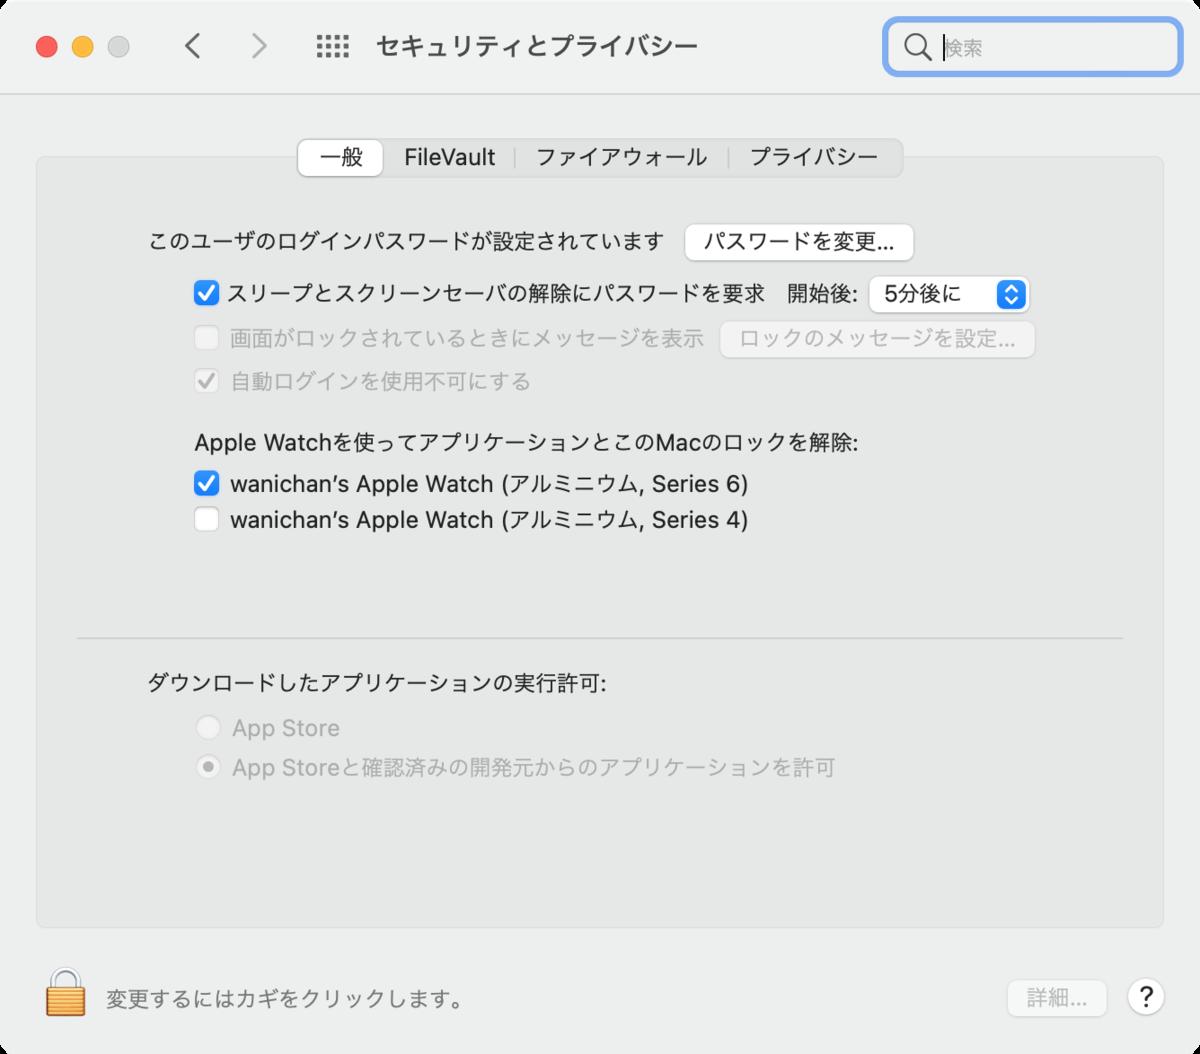 f:id:wanichan:20201207094431p:plain